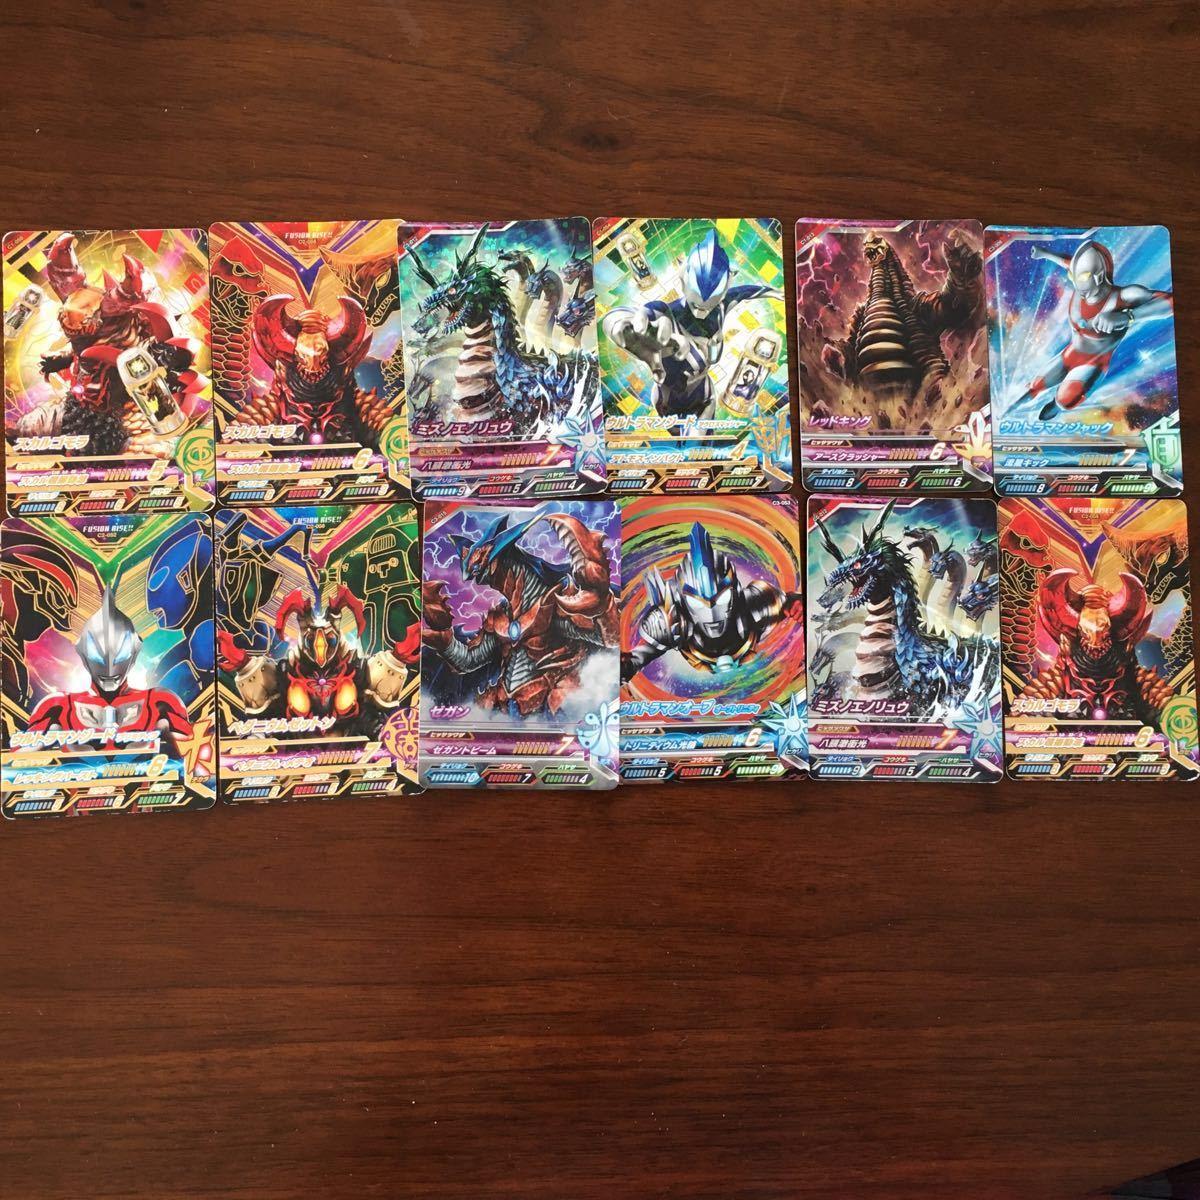 ★ウルトラマン フュージョンファイトカード163枚★そのうちオーブクリスタル付きカード30枚レアカード、ウルトラレアカードもあります♪_画像7